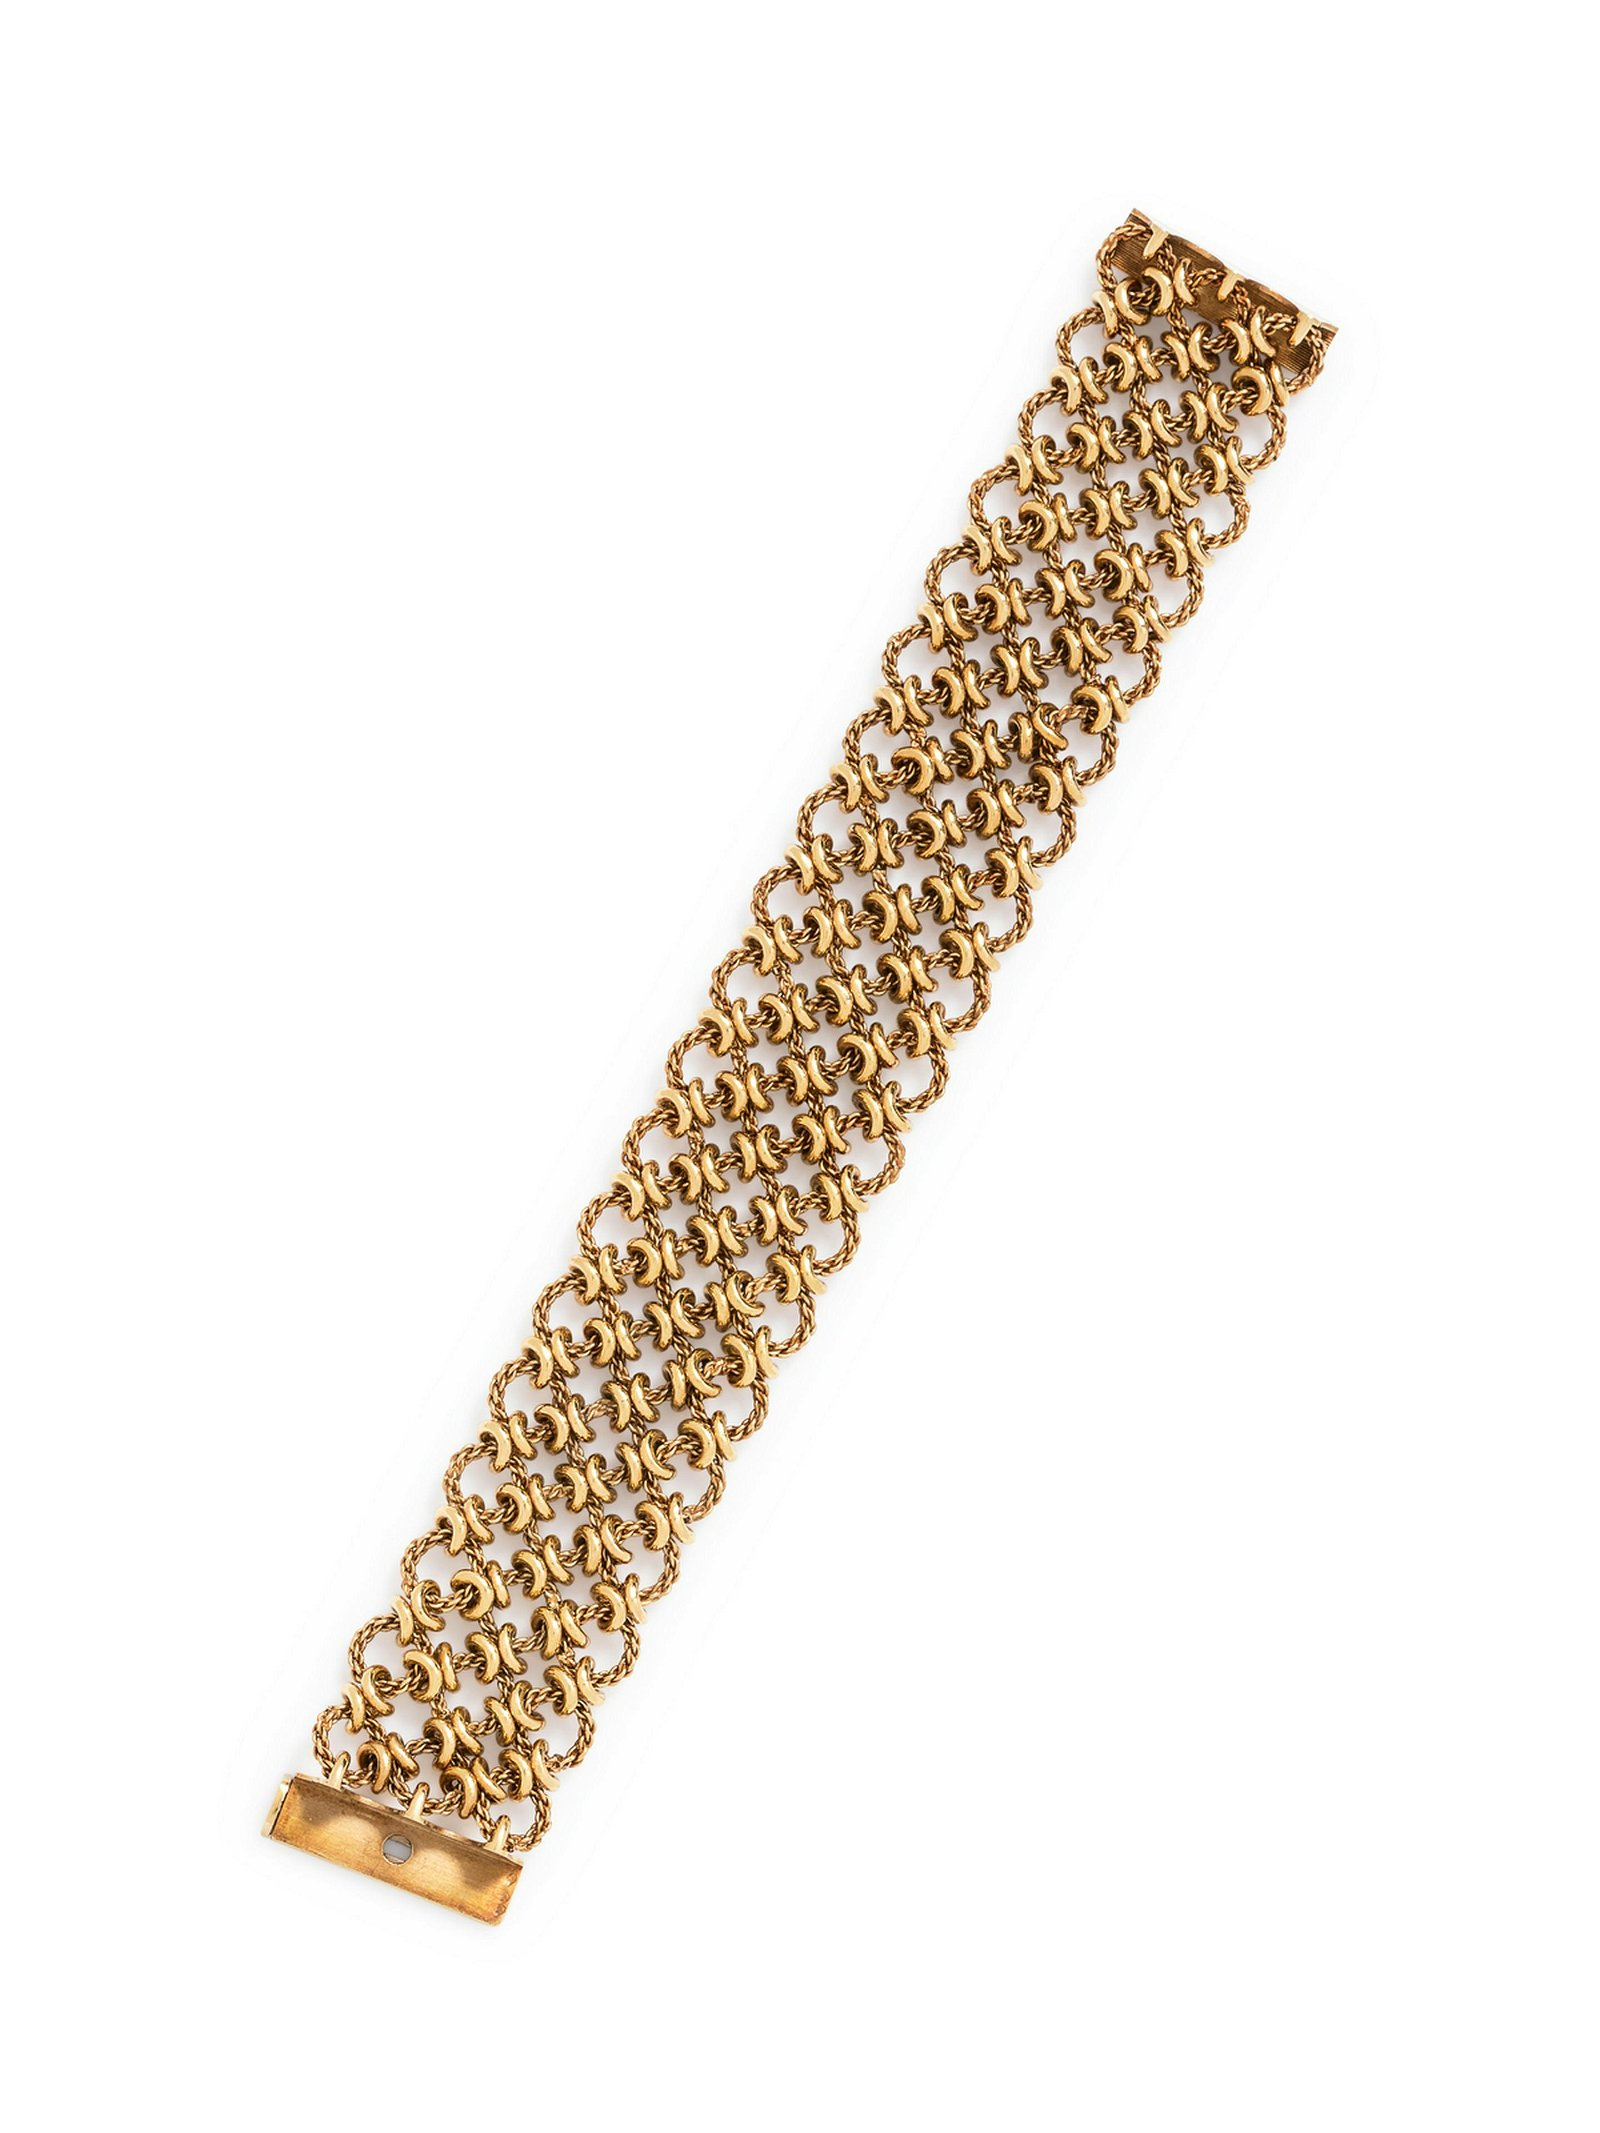 An 18 Karat Yellow Gold Bracelet, French,